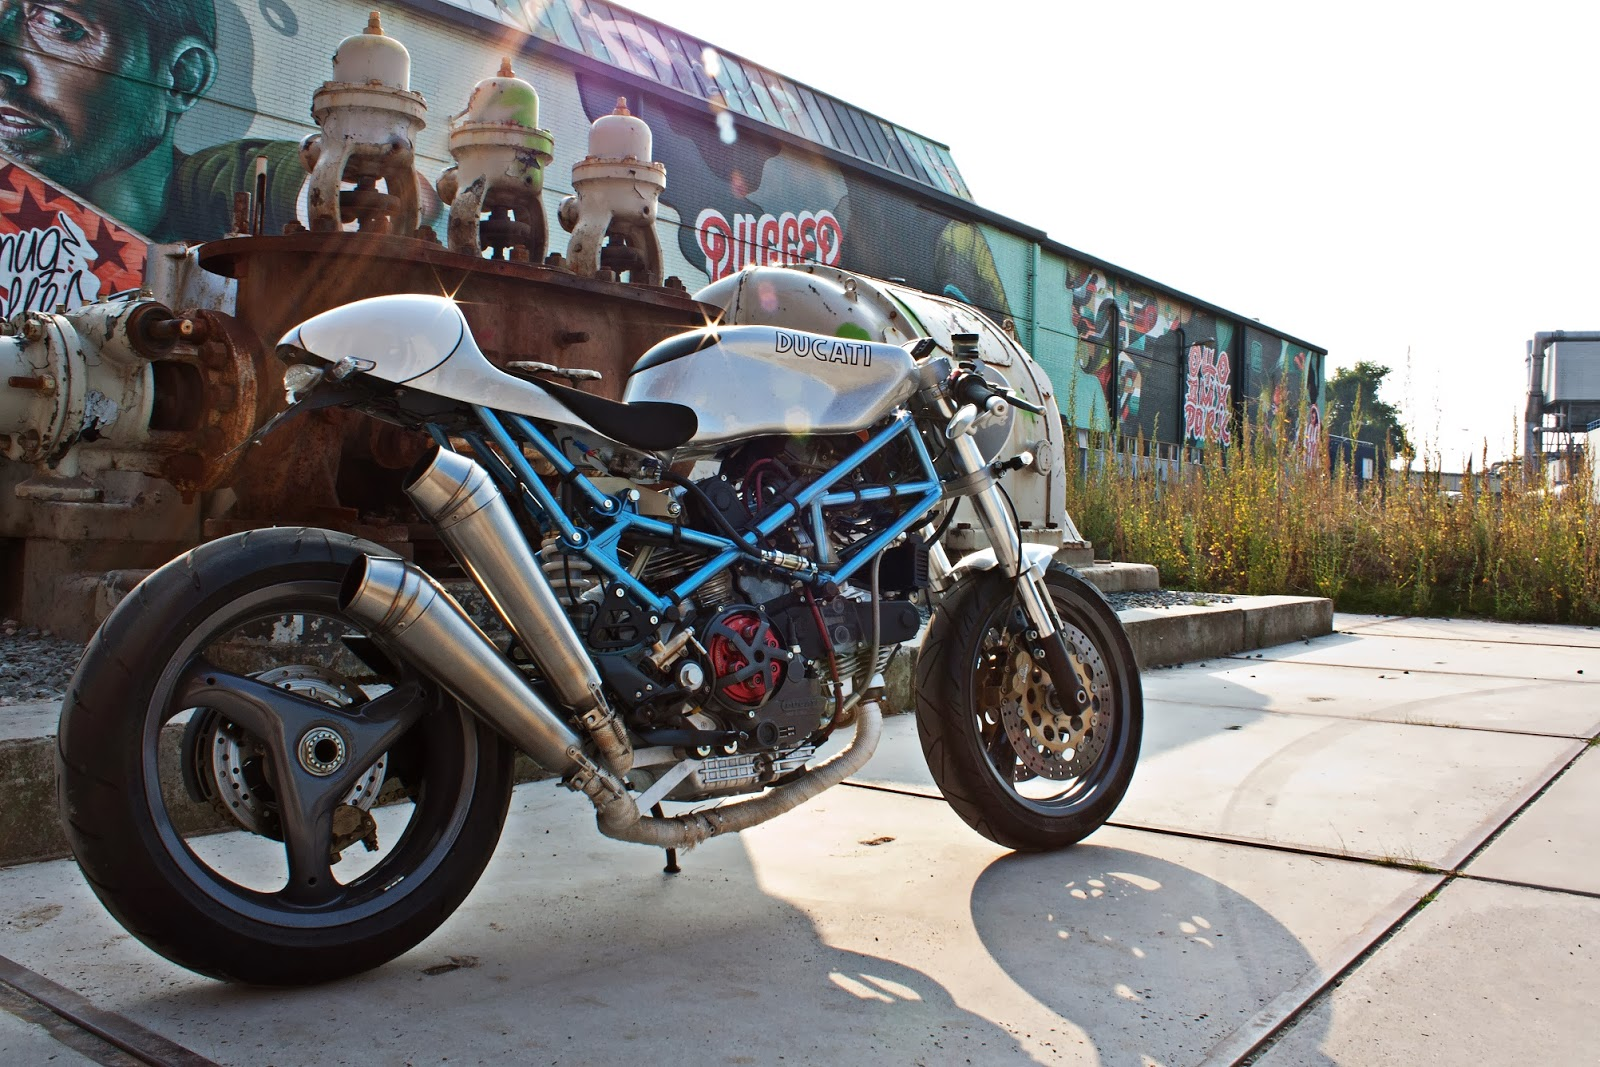 Ducati Monster 900 Cafe Racer by Mario Kusters - MotoMatter